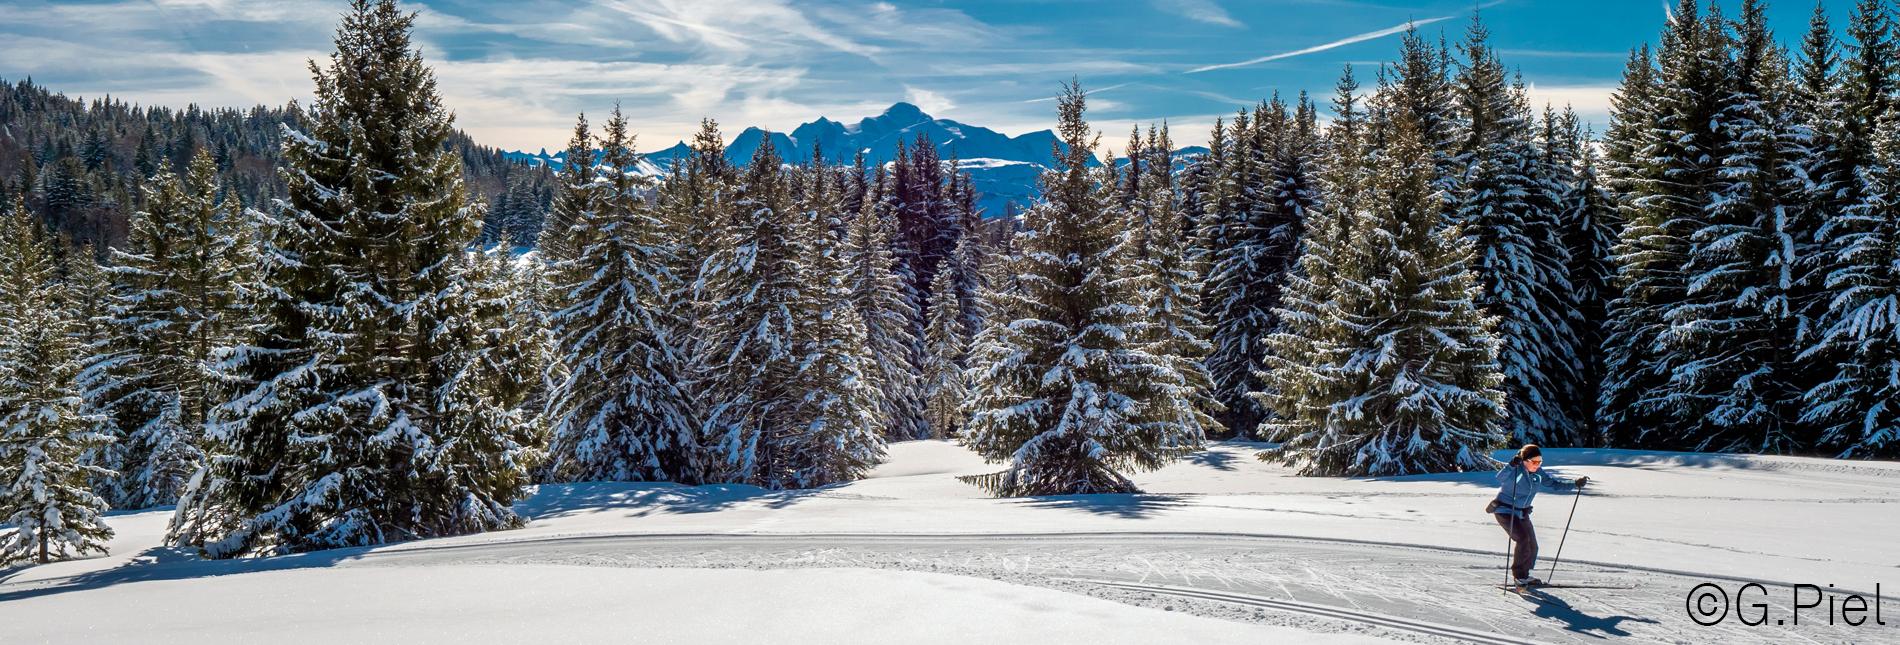 015 02 20 Ski de fond Praz © Gilles Piel